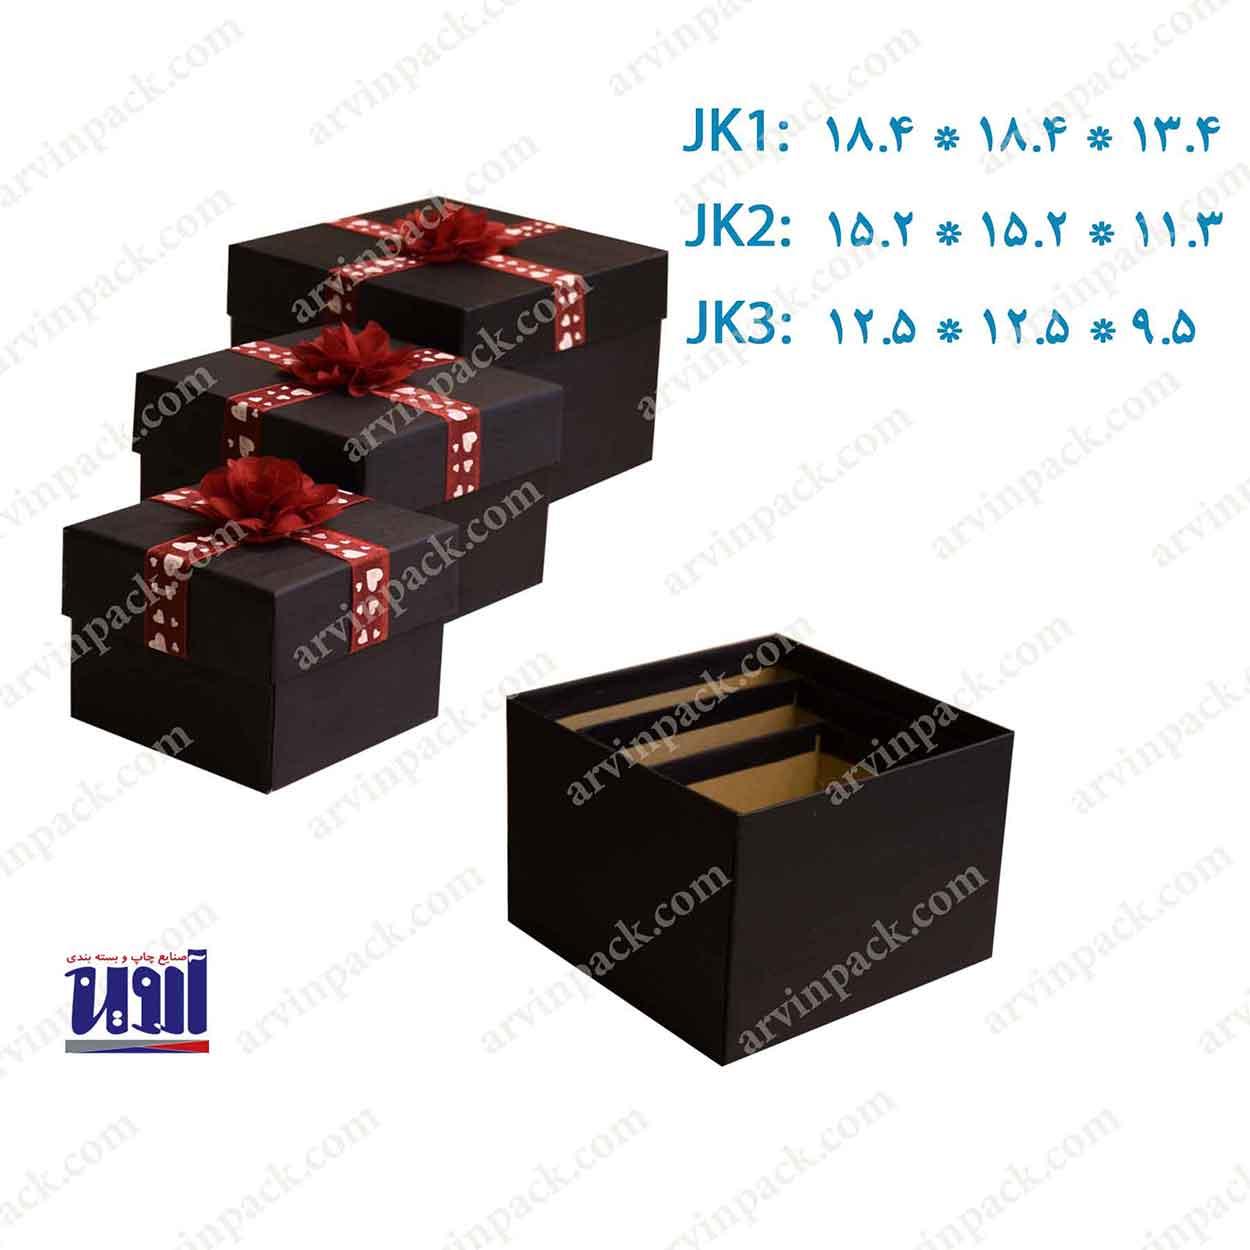 جعبه کادویی ، خرید جعبه کادویی ، فروش جعبه کادویی ، جعبه آماده